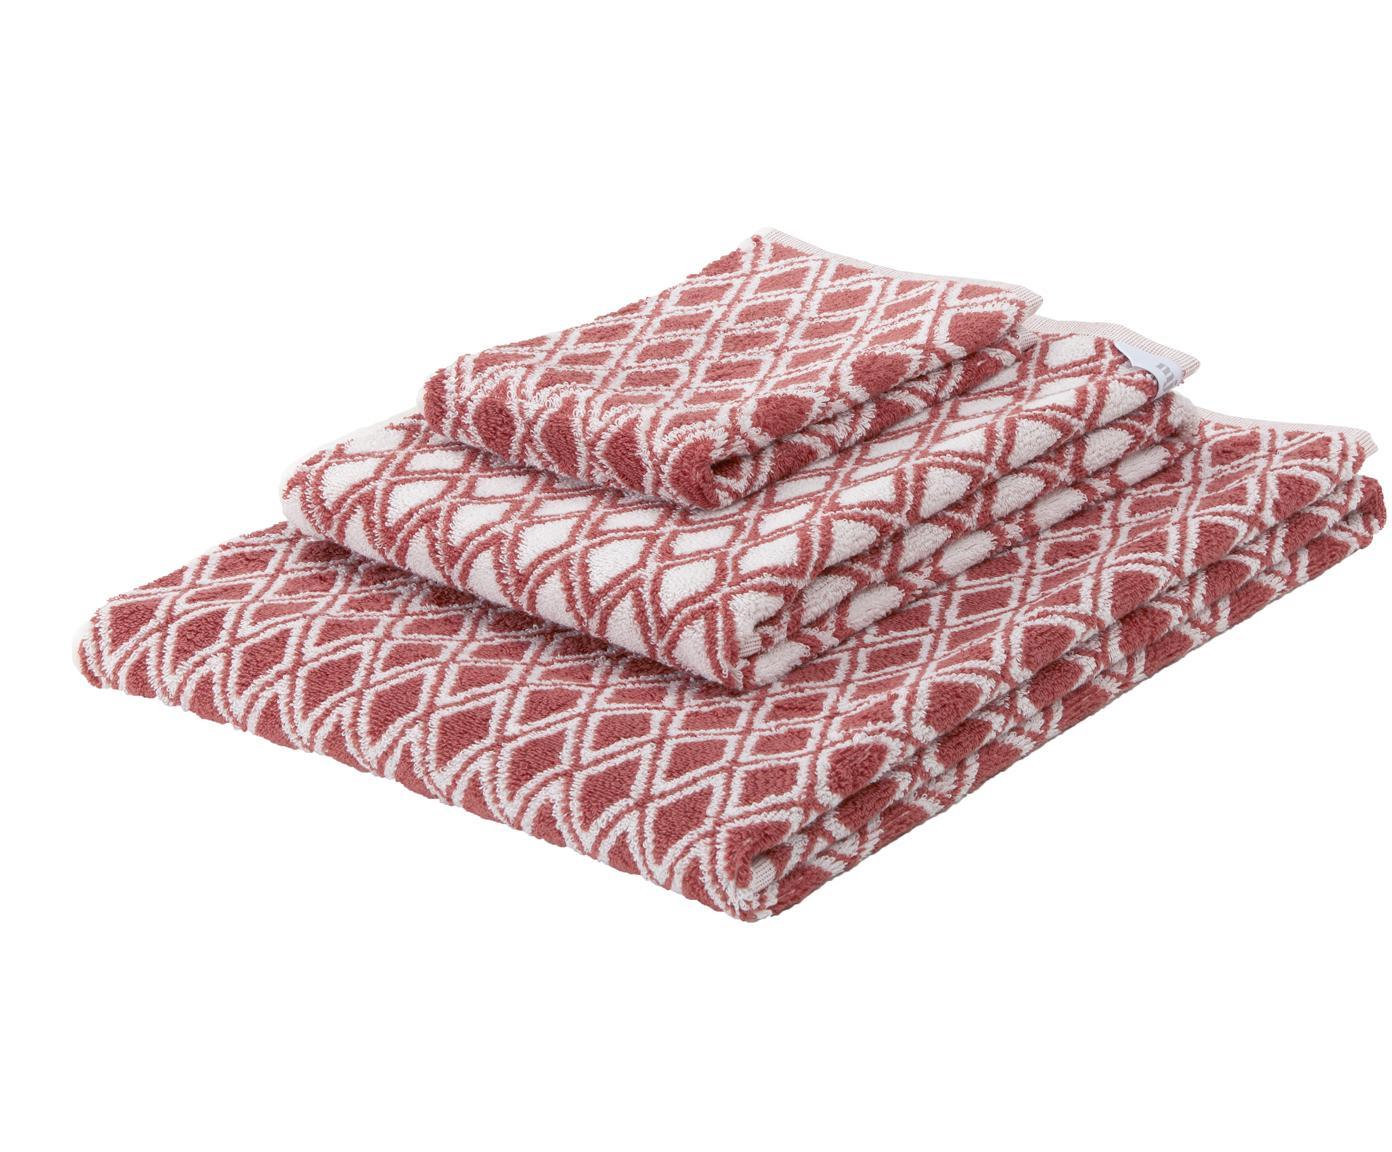 Komplet ręczników Ava, 3elem., 100% bawełna Średnia gramatura 550 g/m², Terakota, kremowobiały, Różne rozmiary